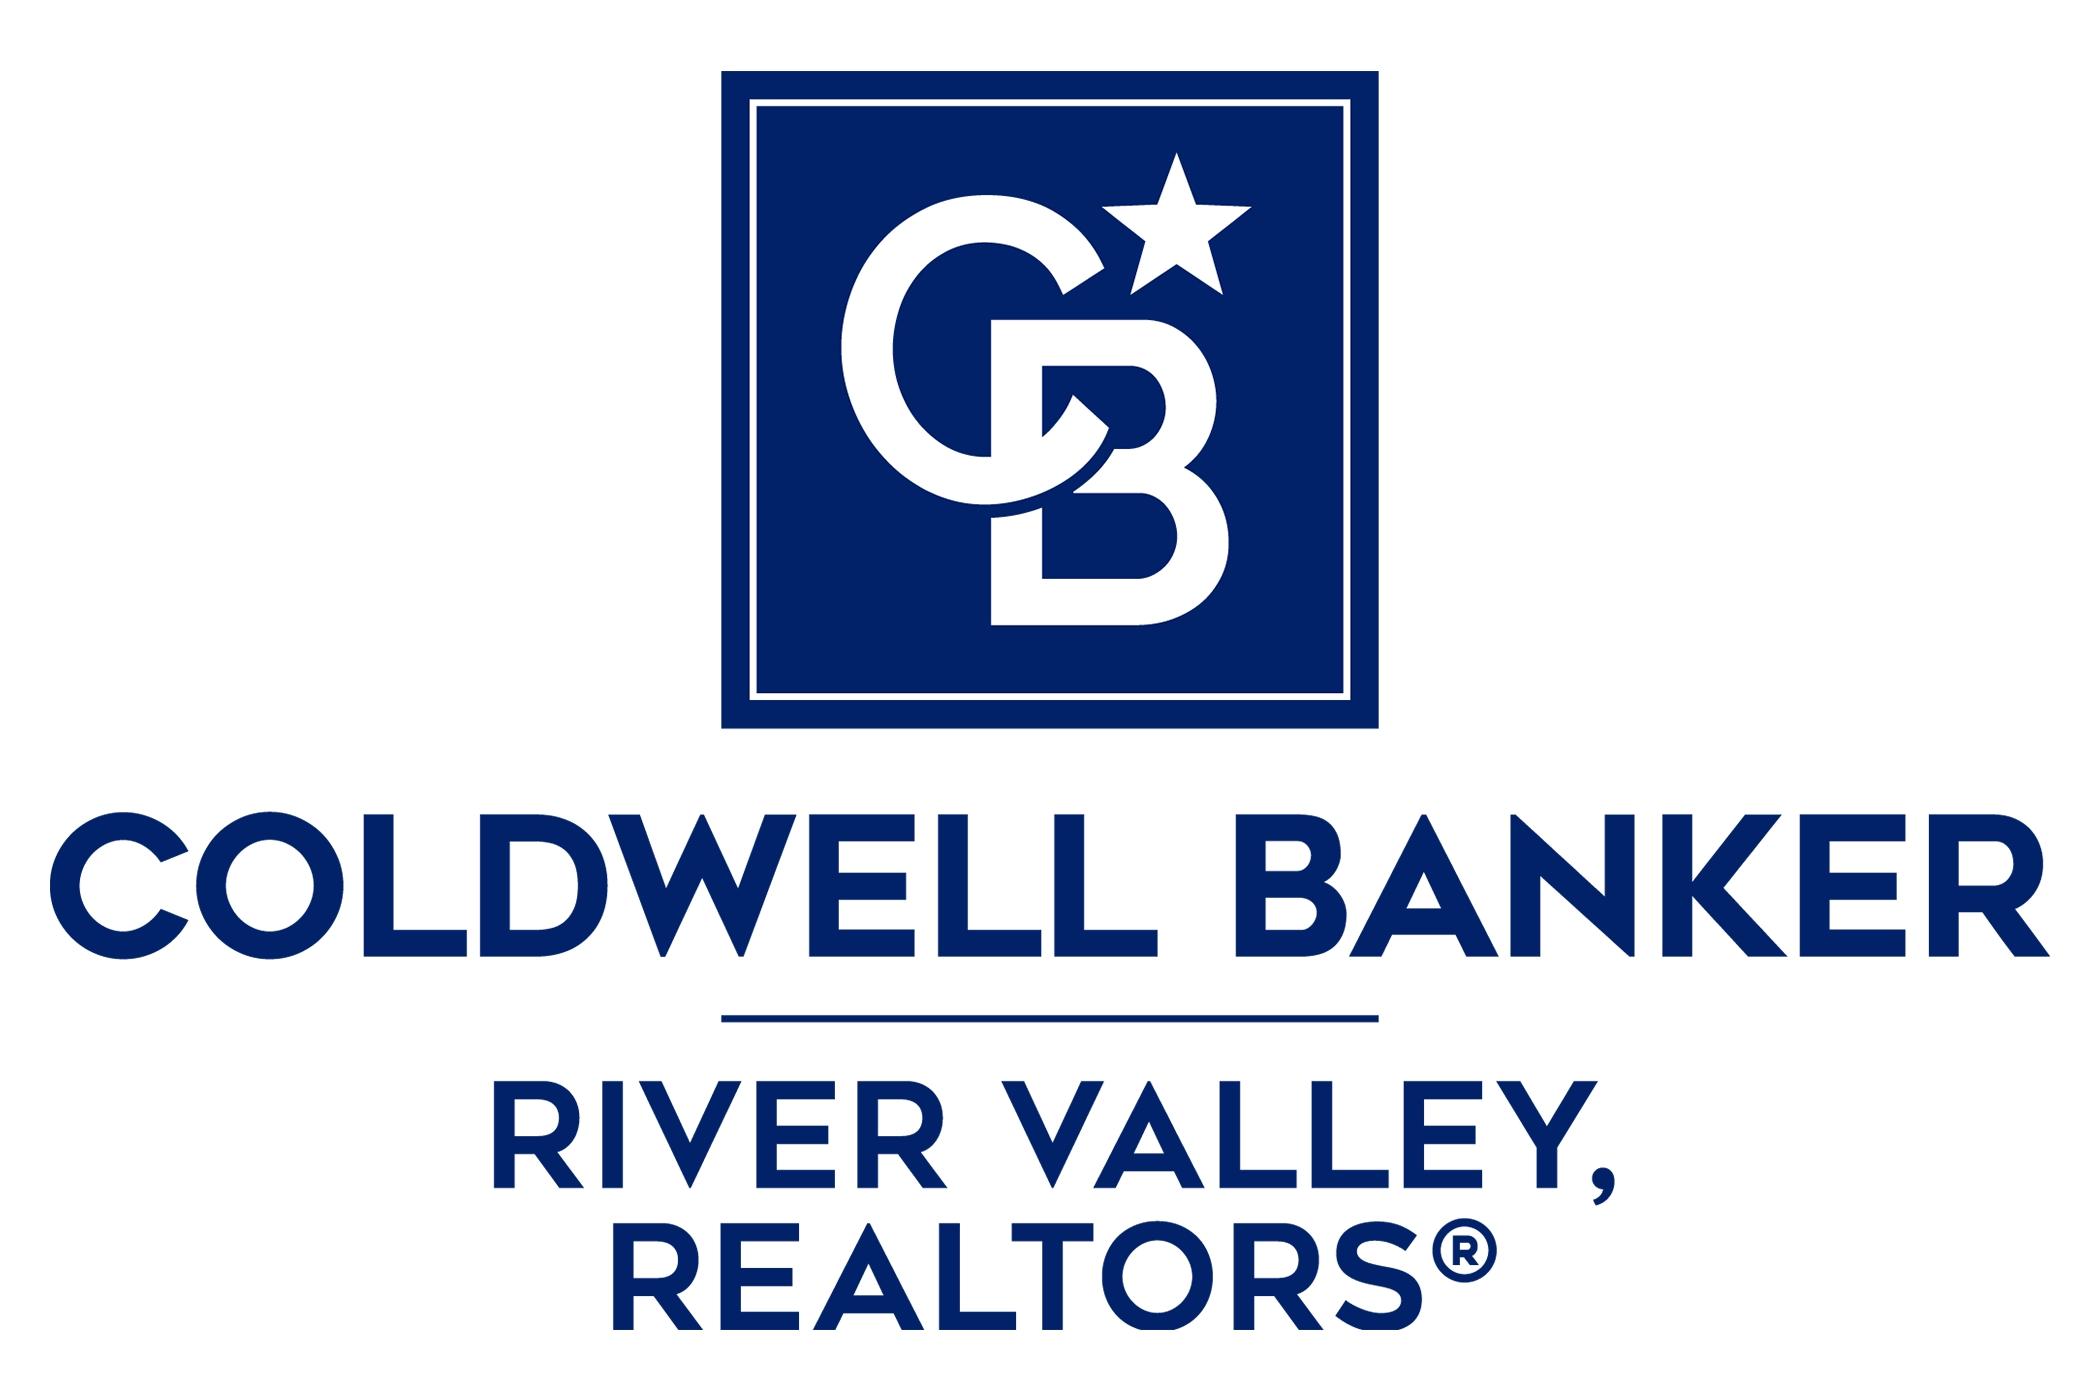 Bruce Kilmer - Coldwell Banker River Valley, REALTORS Logo